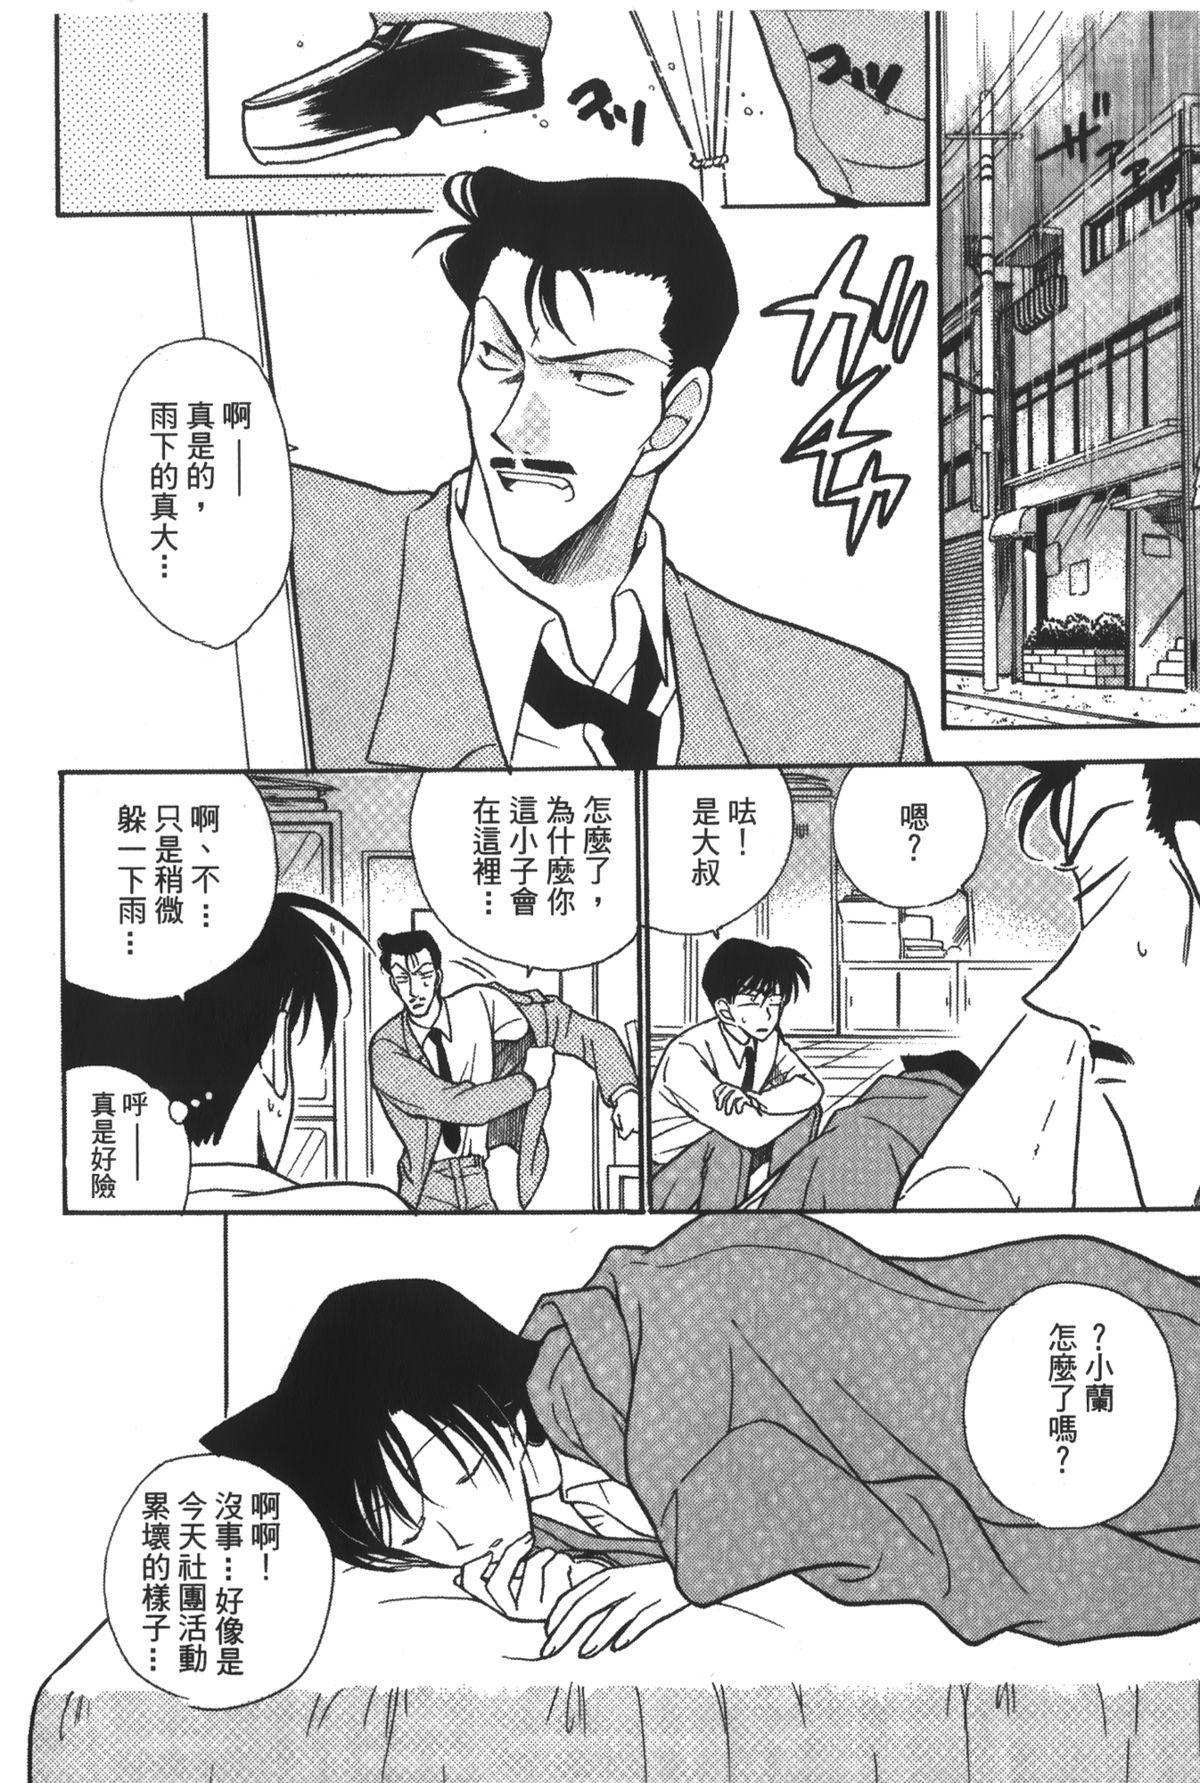 Detective Assistant Vol. 14 18